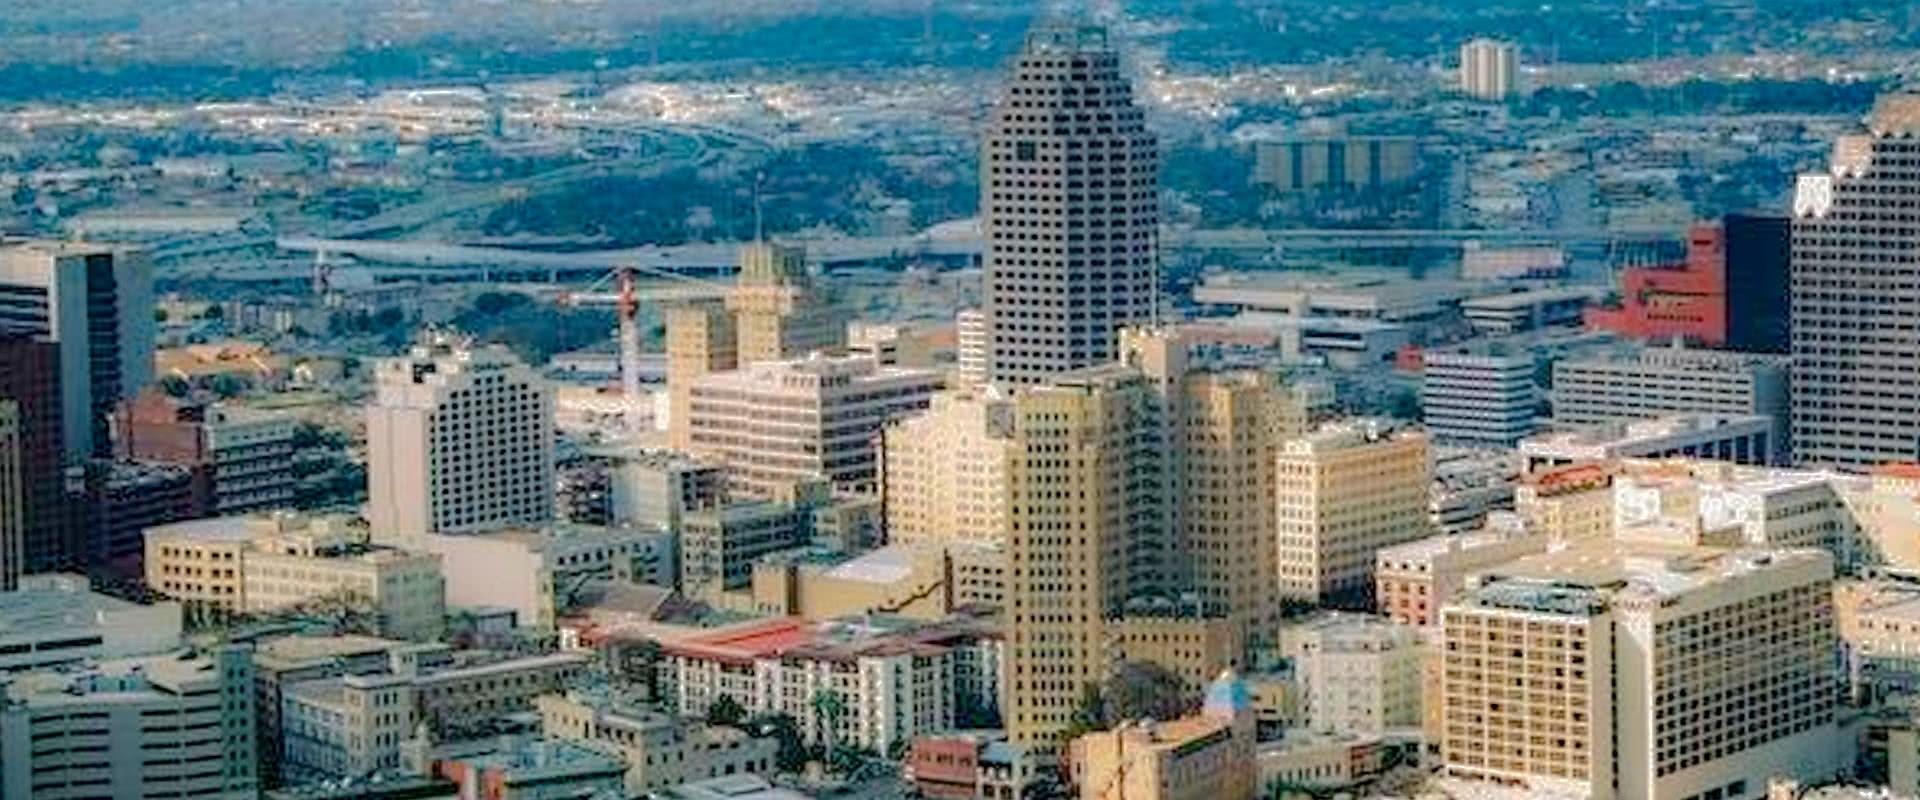 San-Antonio-Texas-01